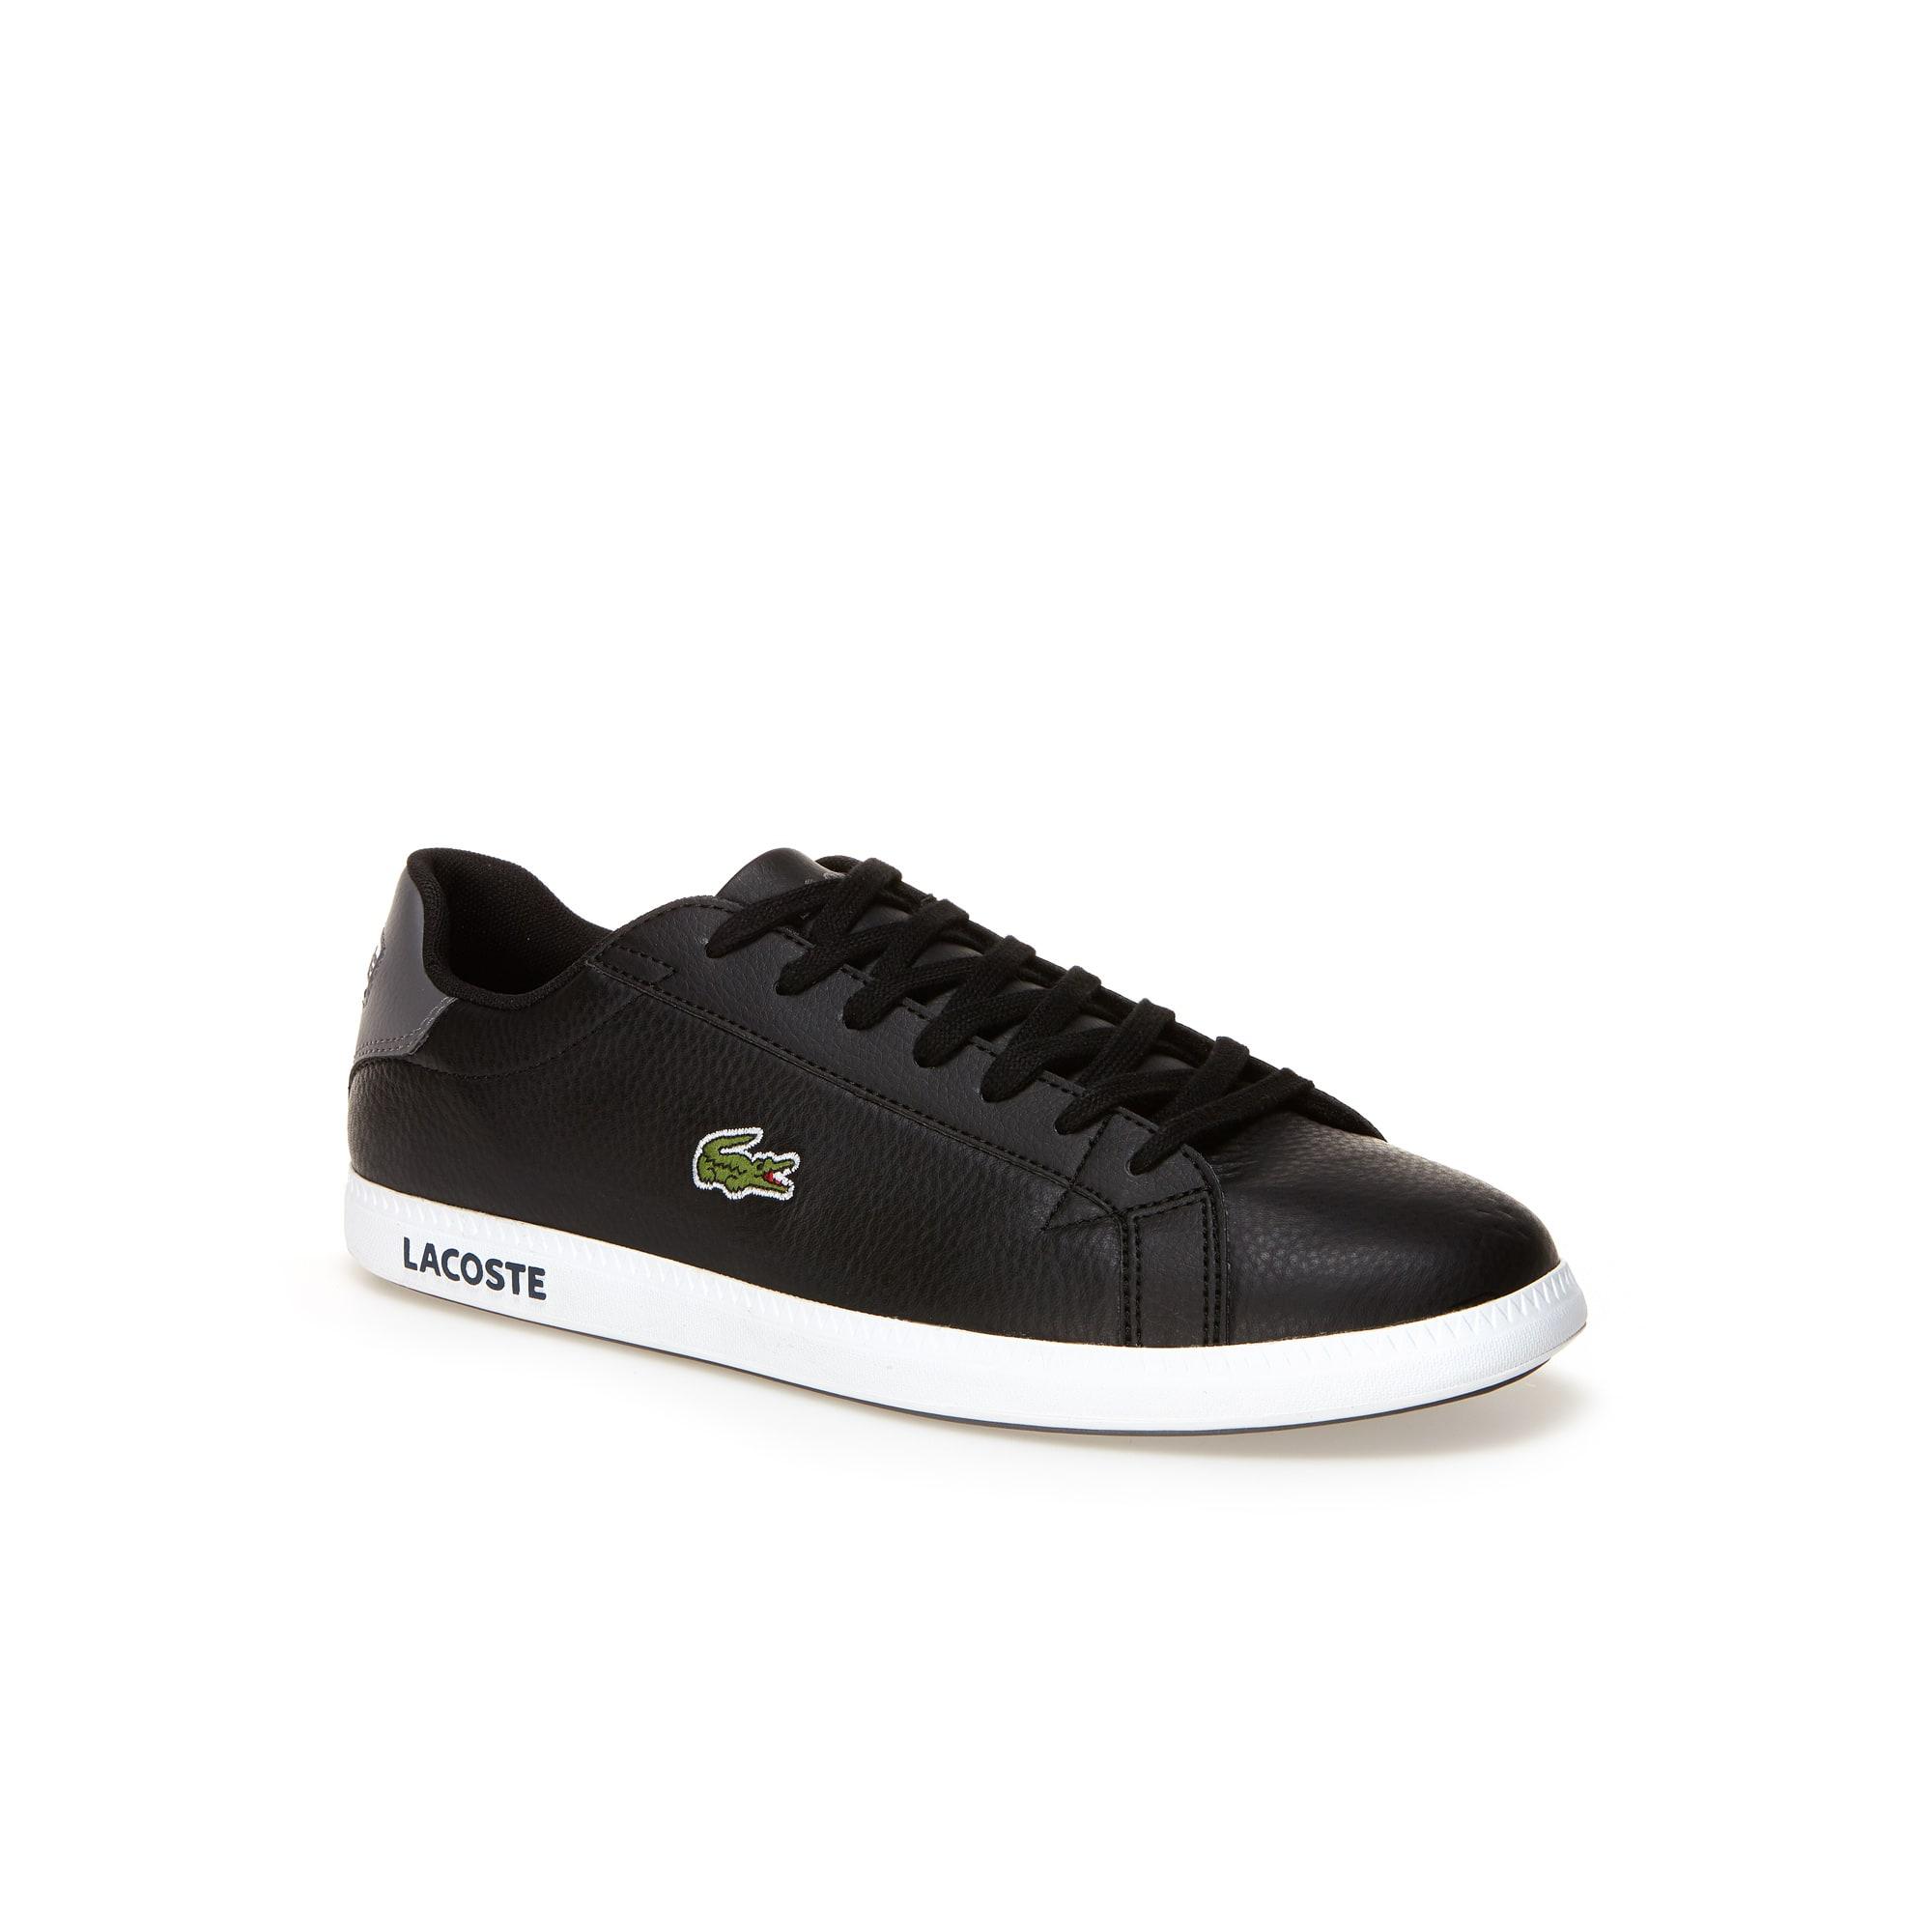 Sneaker Qrwte46 Stivali Città Uomo Lacoste Da Scarpe OwRPOq